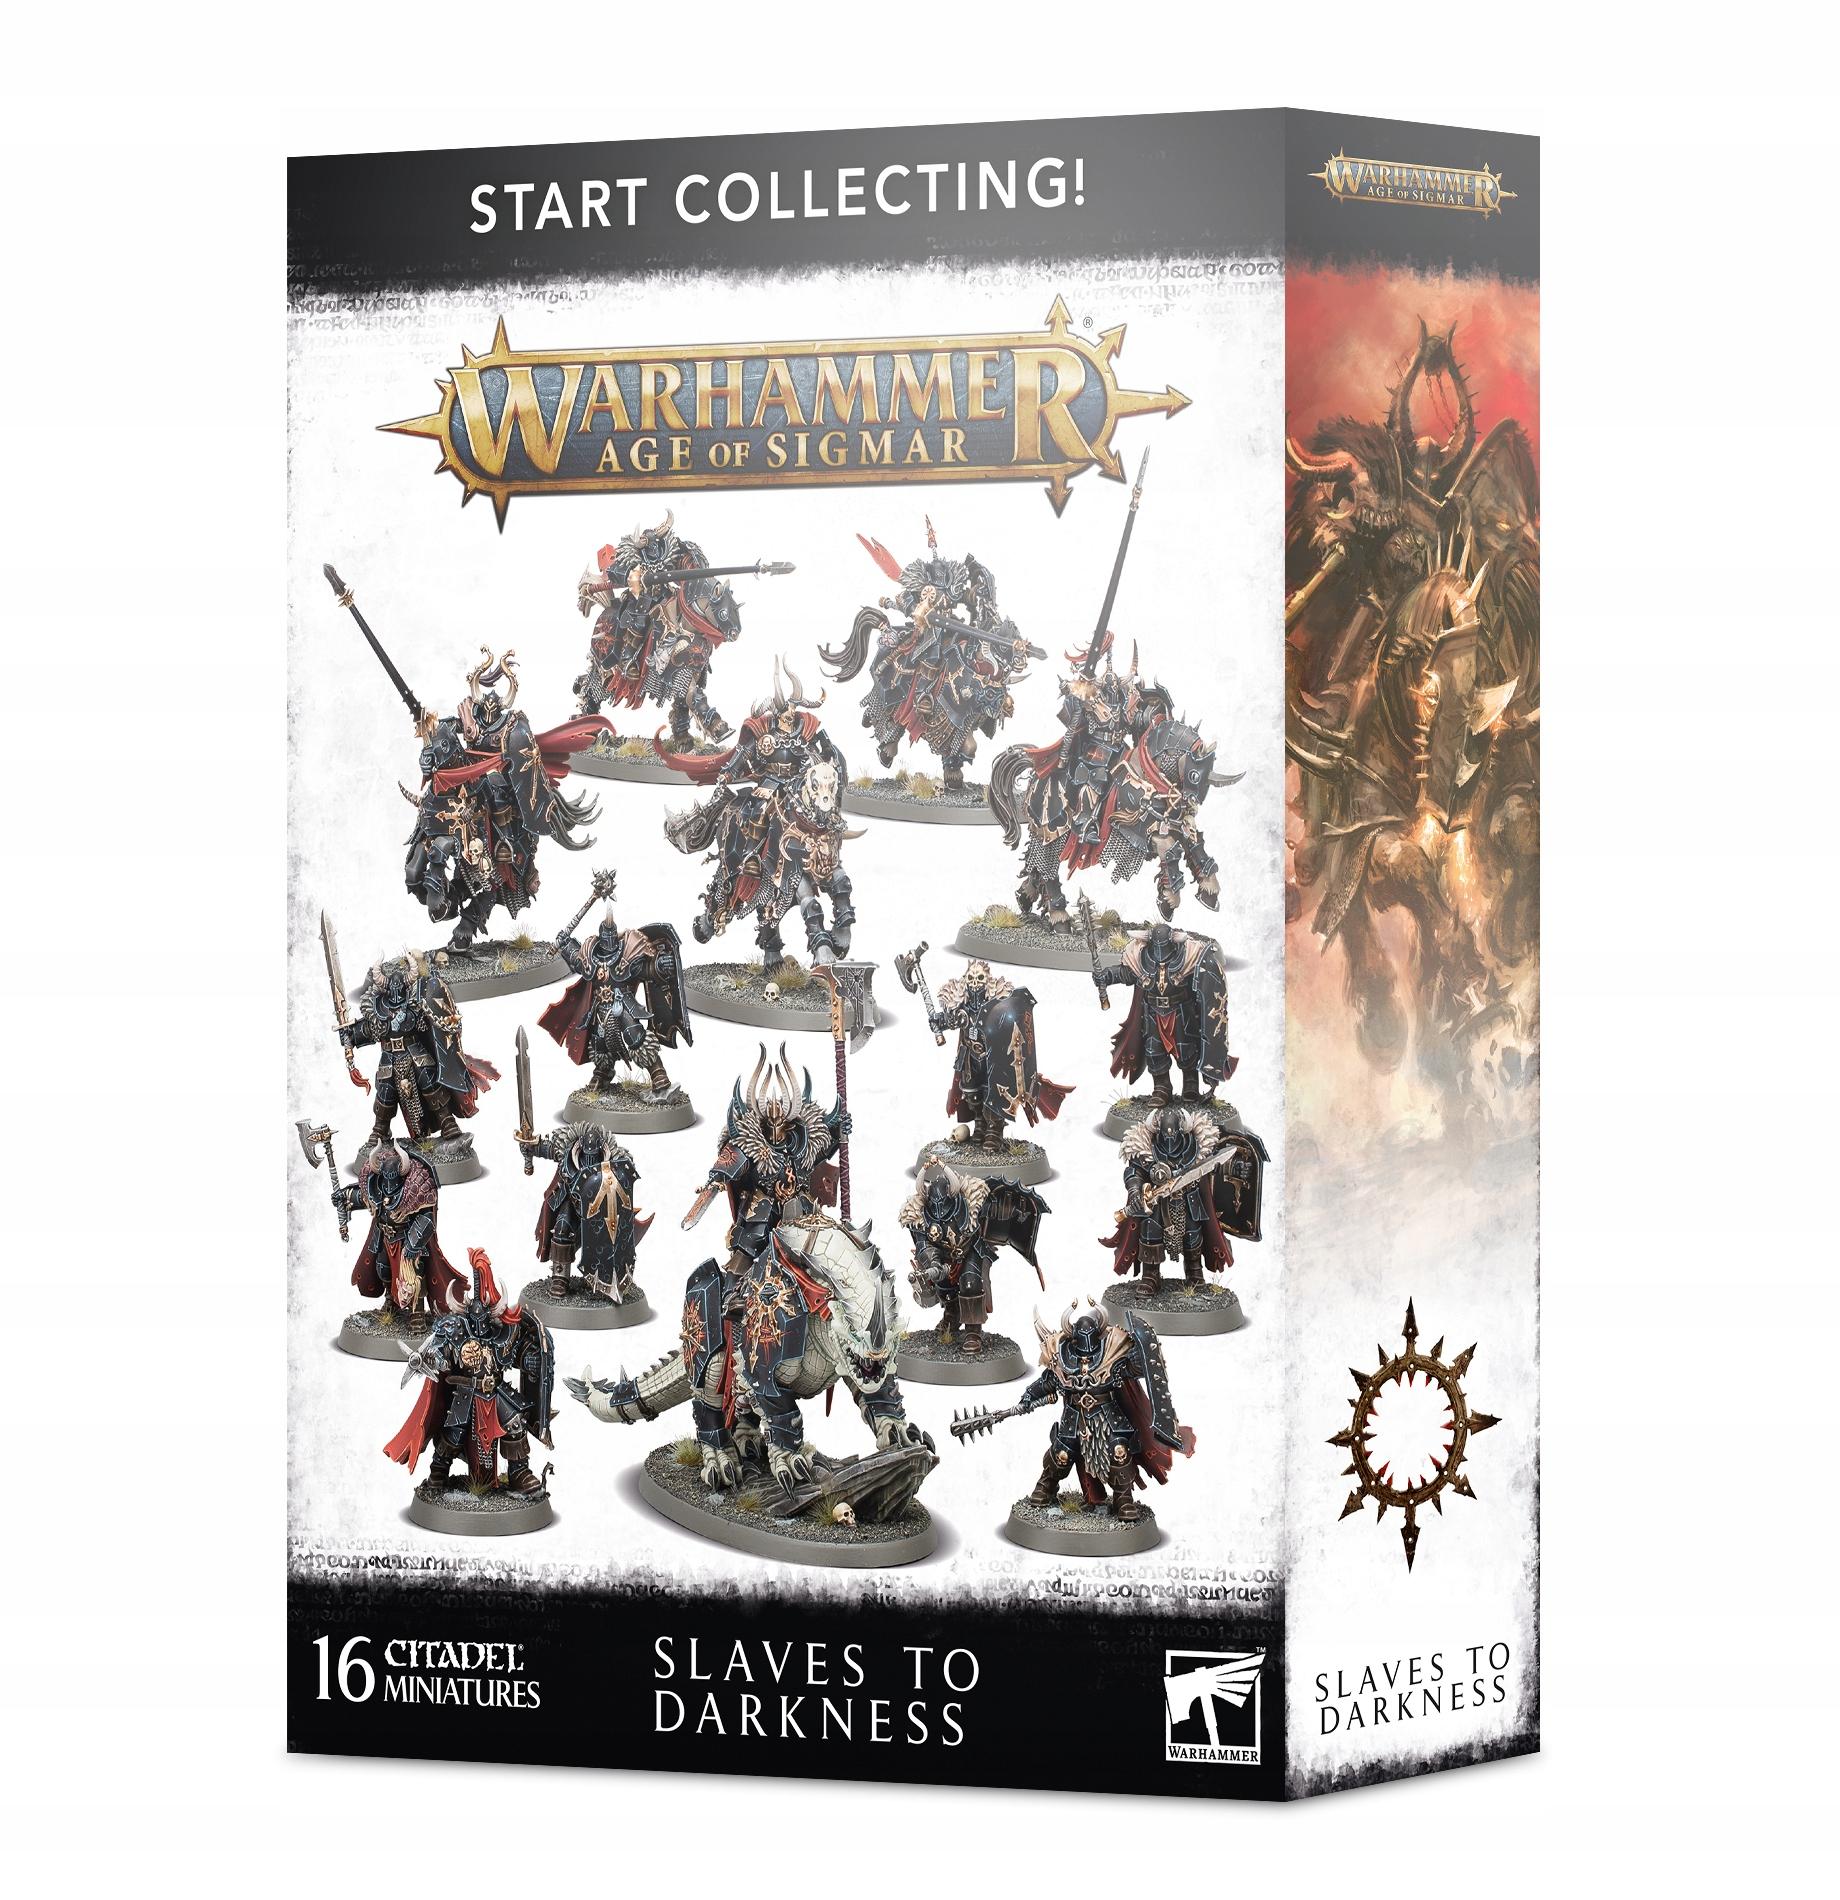 Začnite zbierku! Strieky na tmu   Warhammer